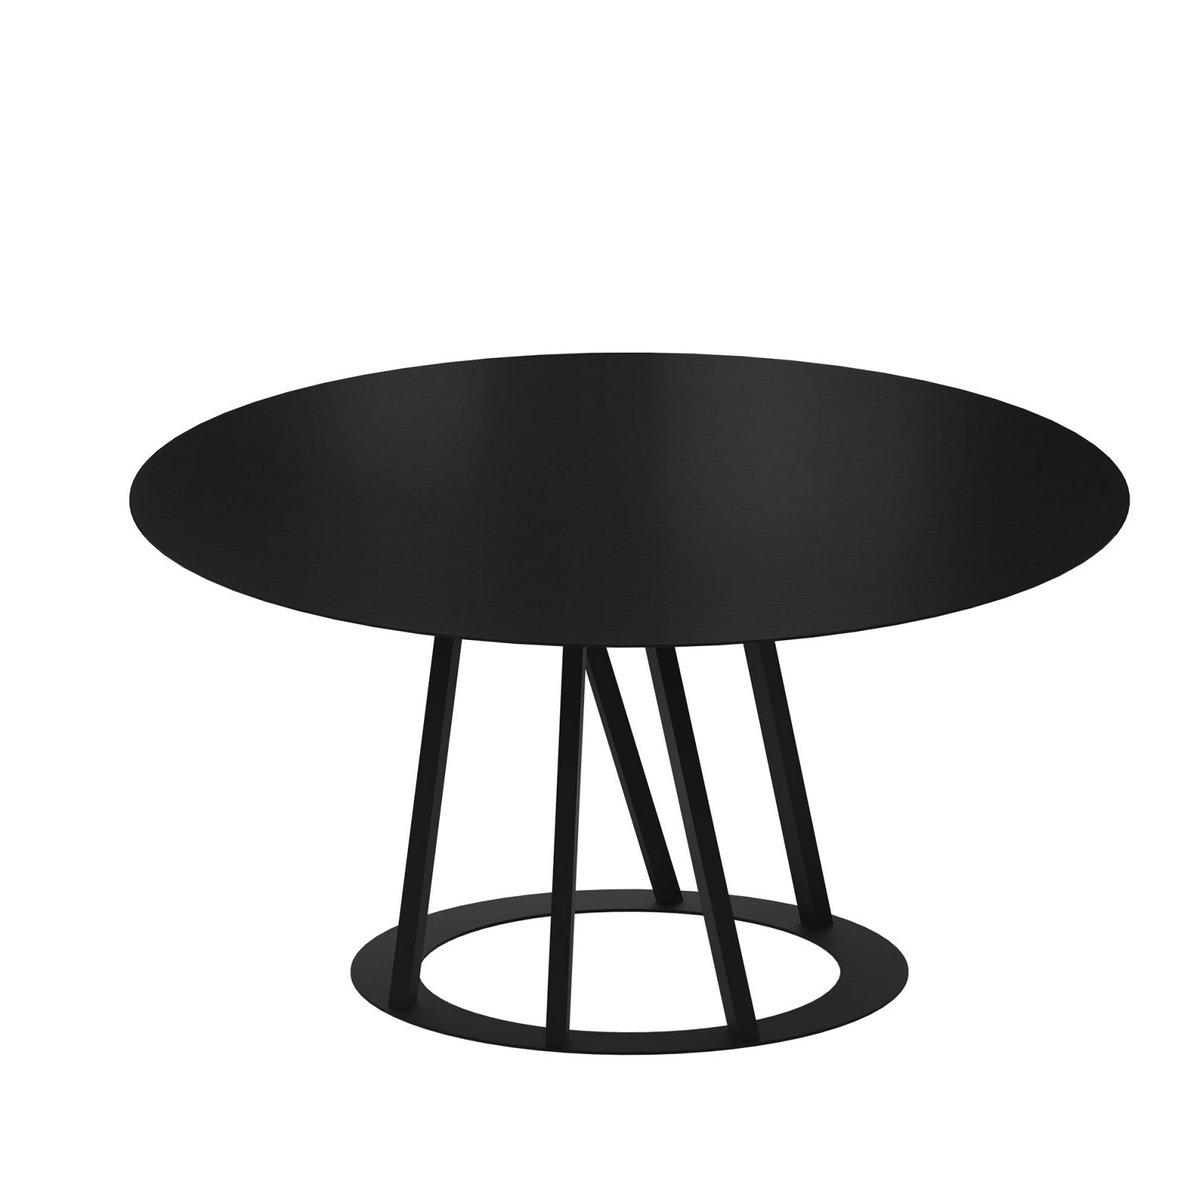 Runder BIG IRONY Tisch von Maurizio Peregalli für Zeus